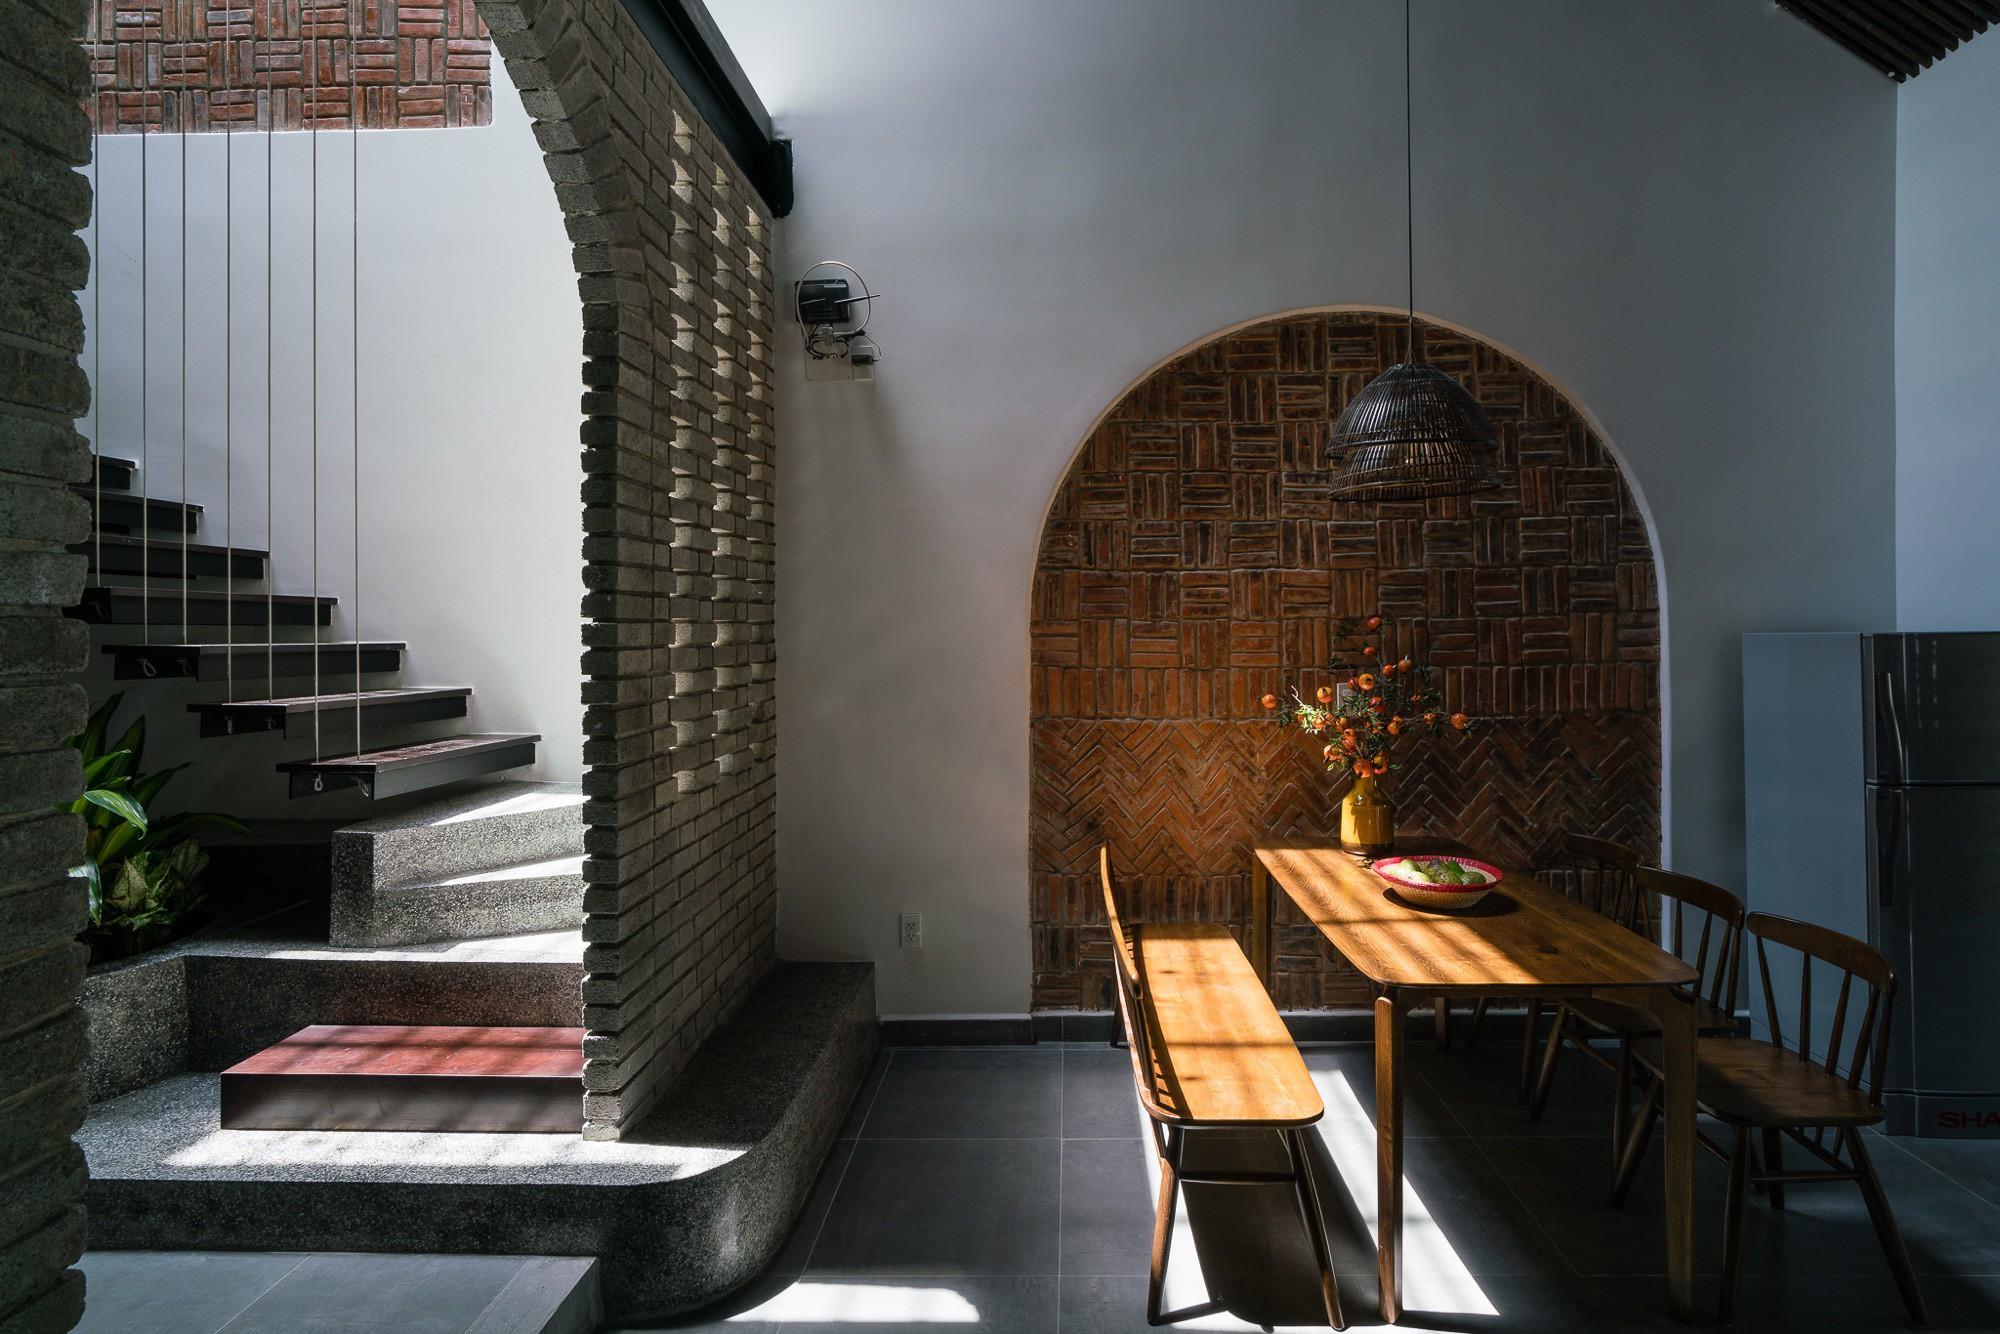 Ngôi nhà gạch 2 tầng của cặp vợ chồng già ở Đà Nẵng được tạp chí Mỹ xuýt xoa khen ngợi - Ảnh 9.